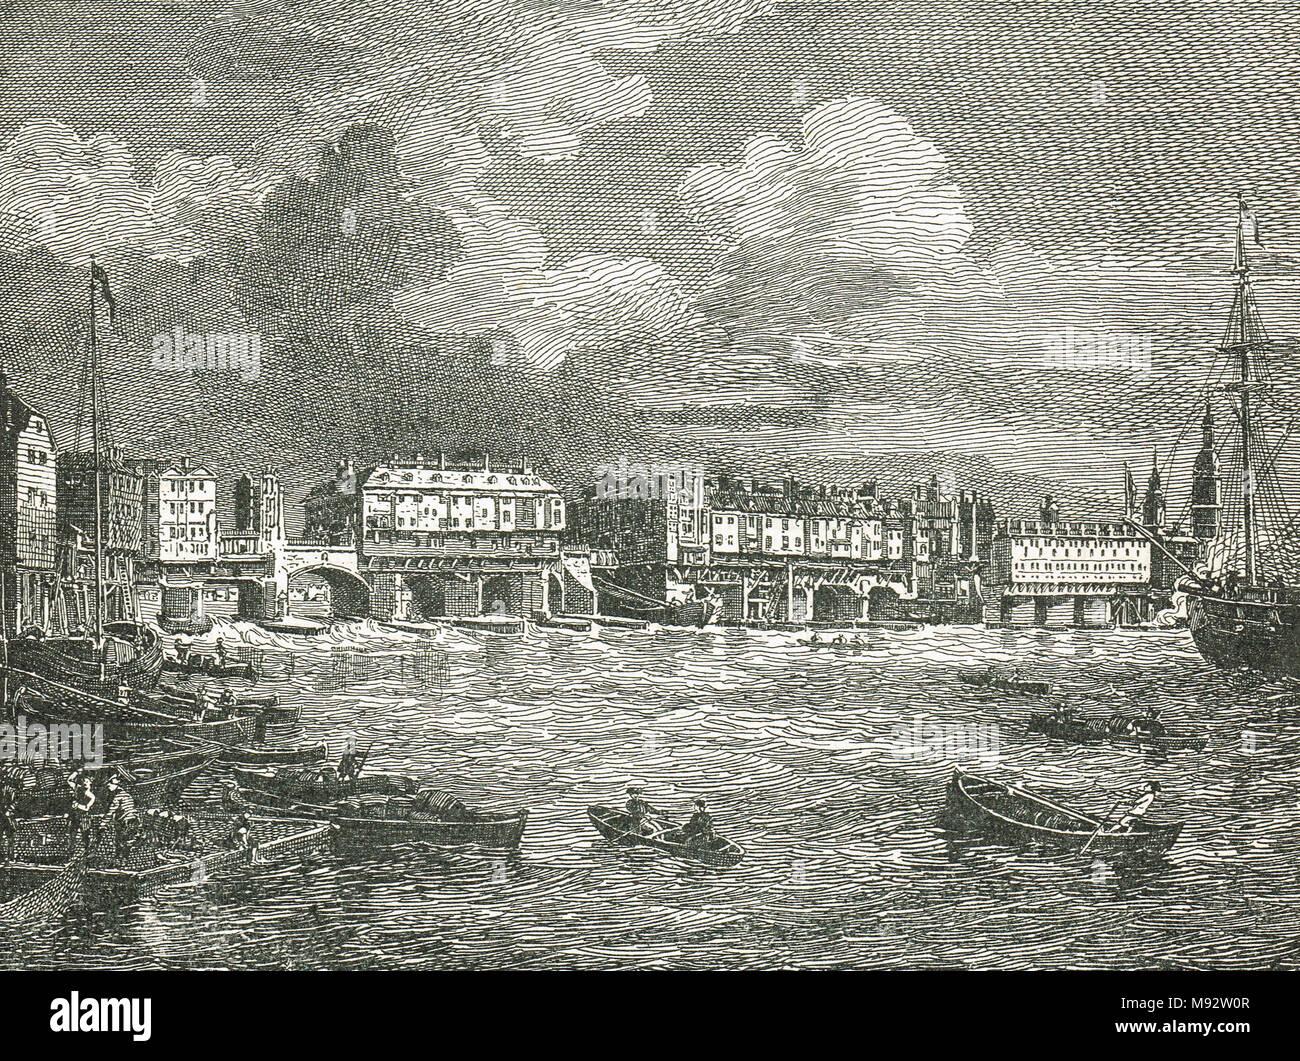 Old London bridge in 1760 - Stock Image